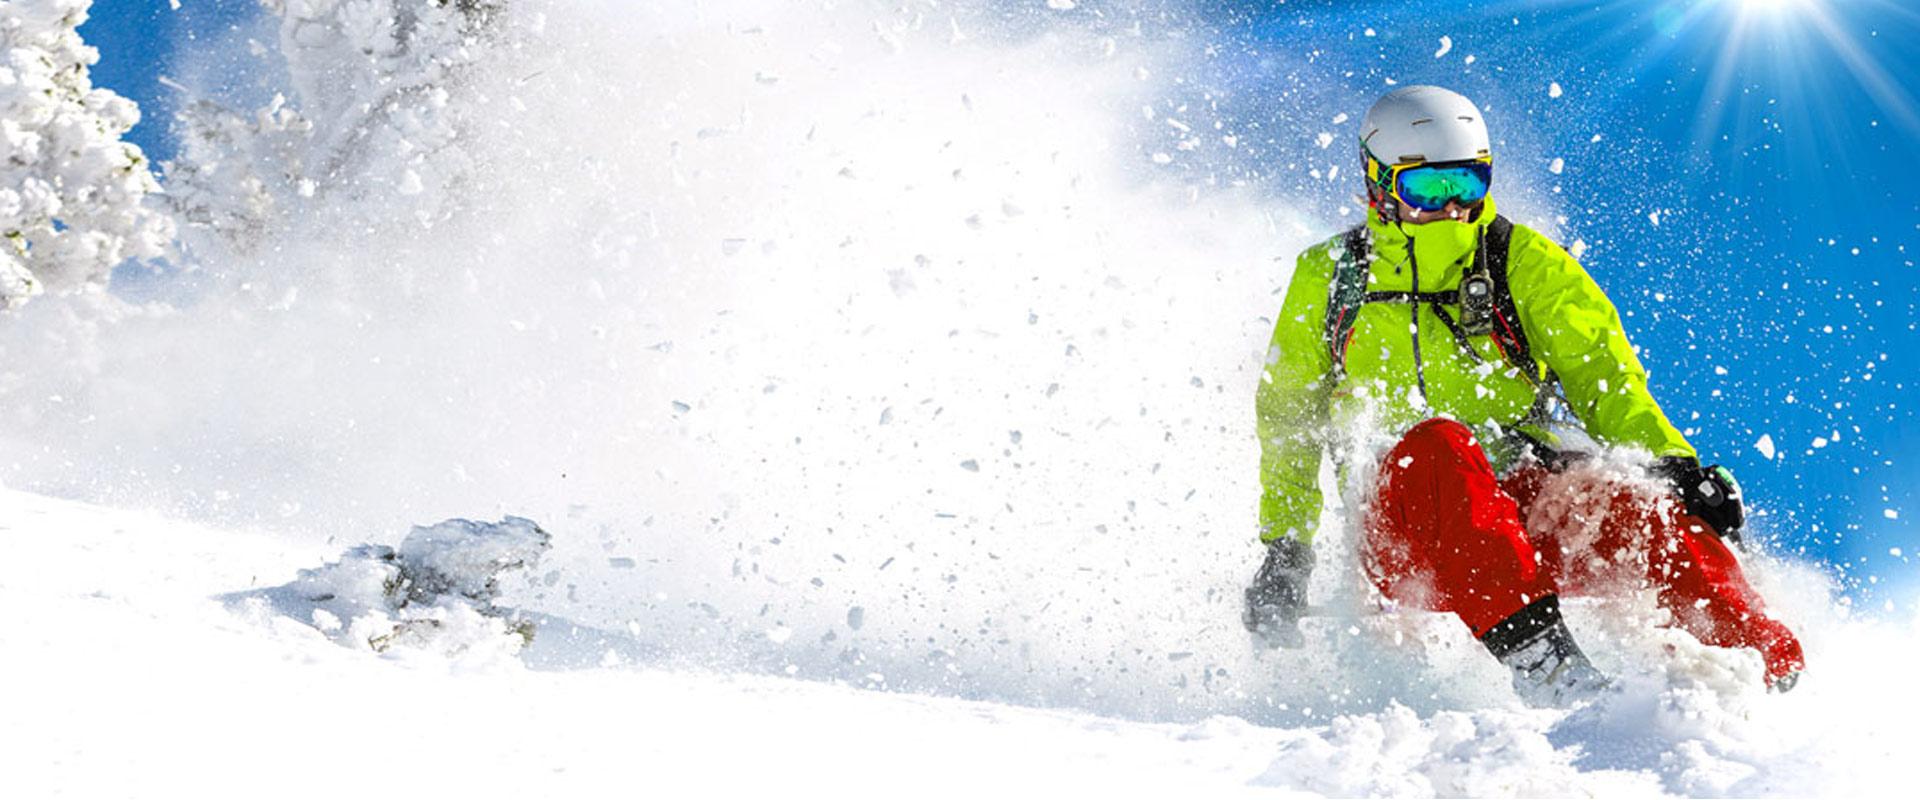 Půjč si lyže nebo prkno na celou sezónu